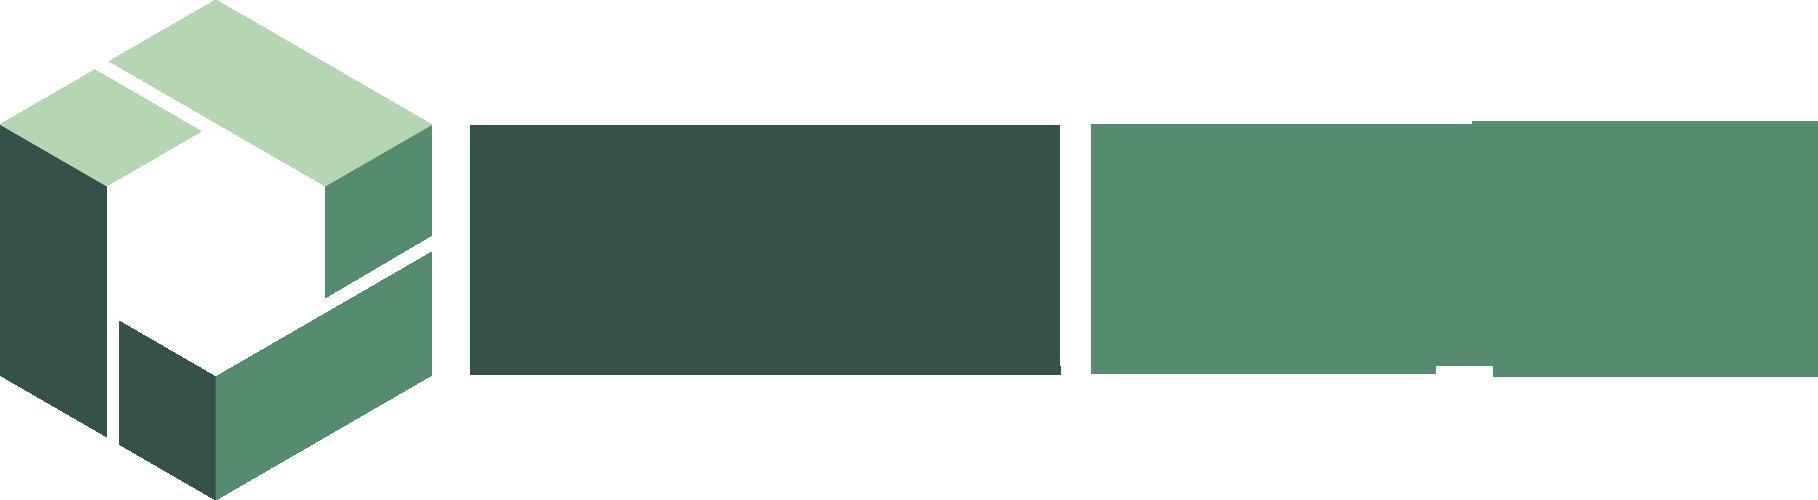 Metapriori Logo